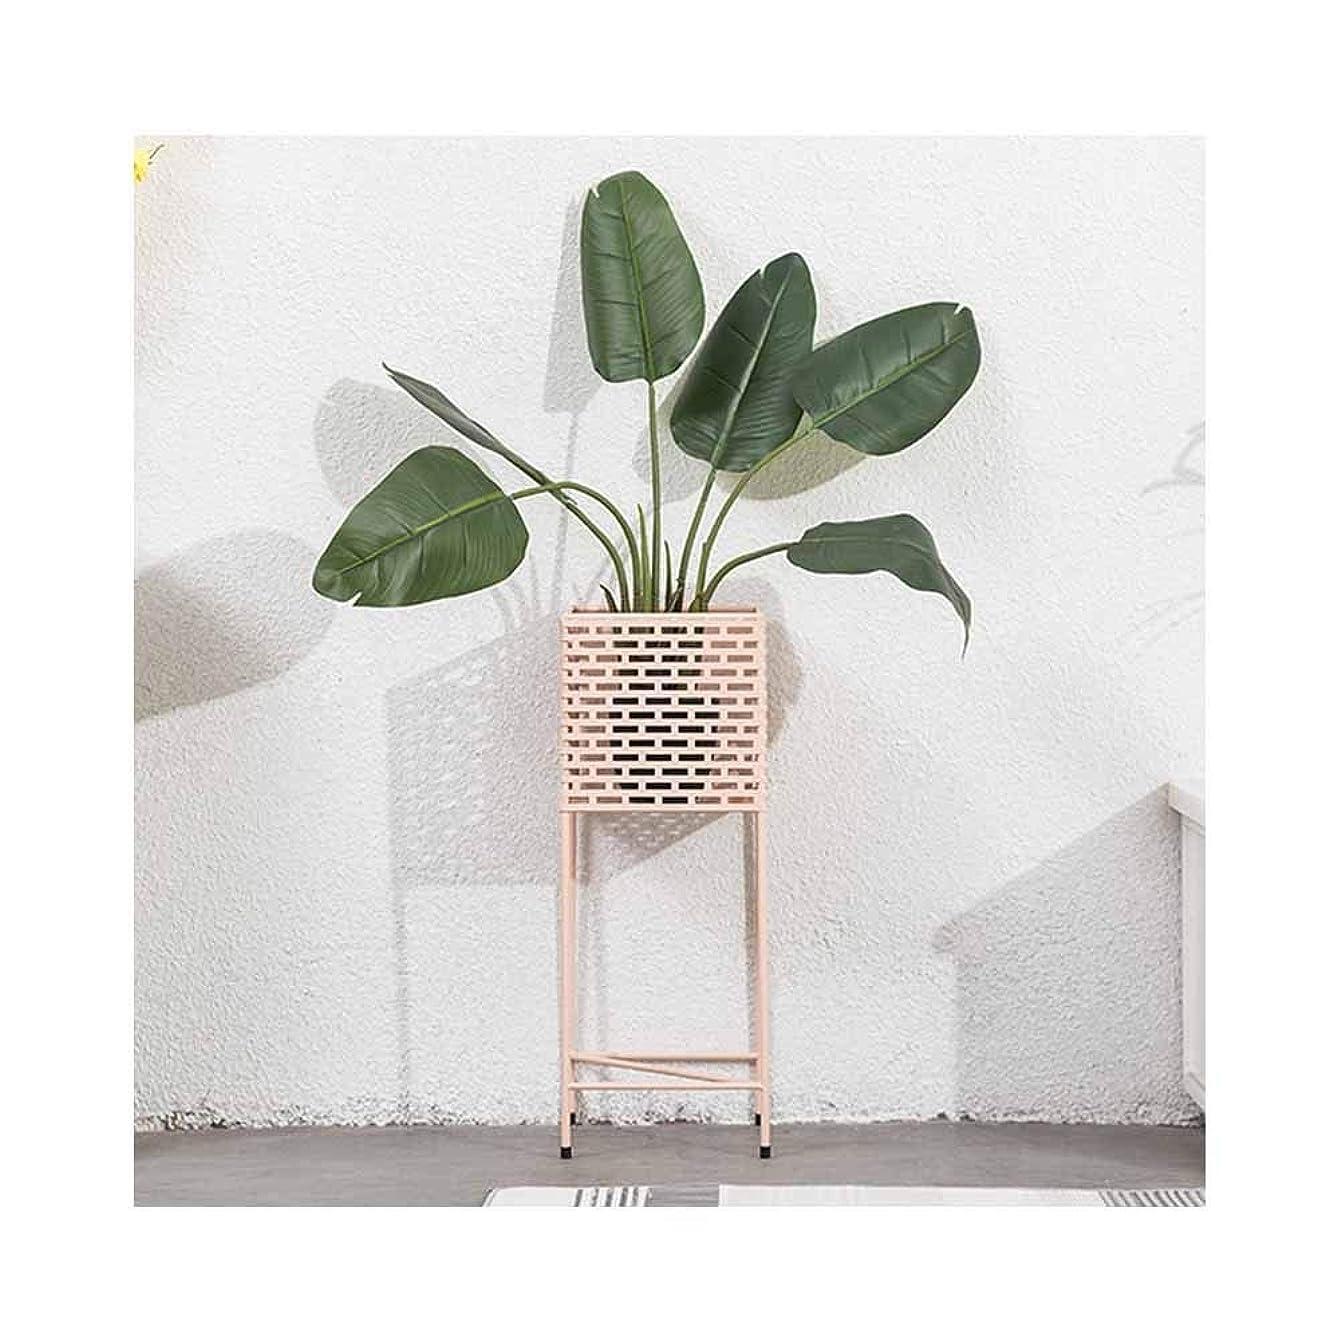 封建スキャンダル声を出して多機能フラワースタンド、北欧モダンミニマリストのリビングルームの植物スタンドシェルフを収納可能 (Color : Pink)